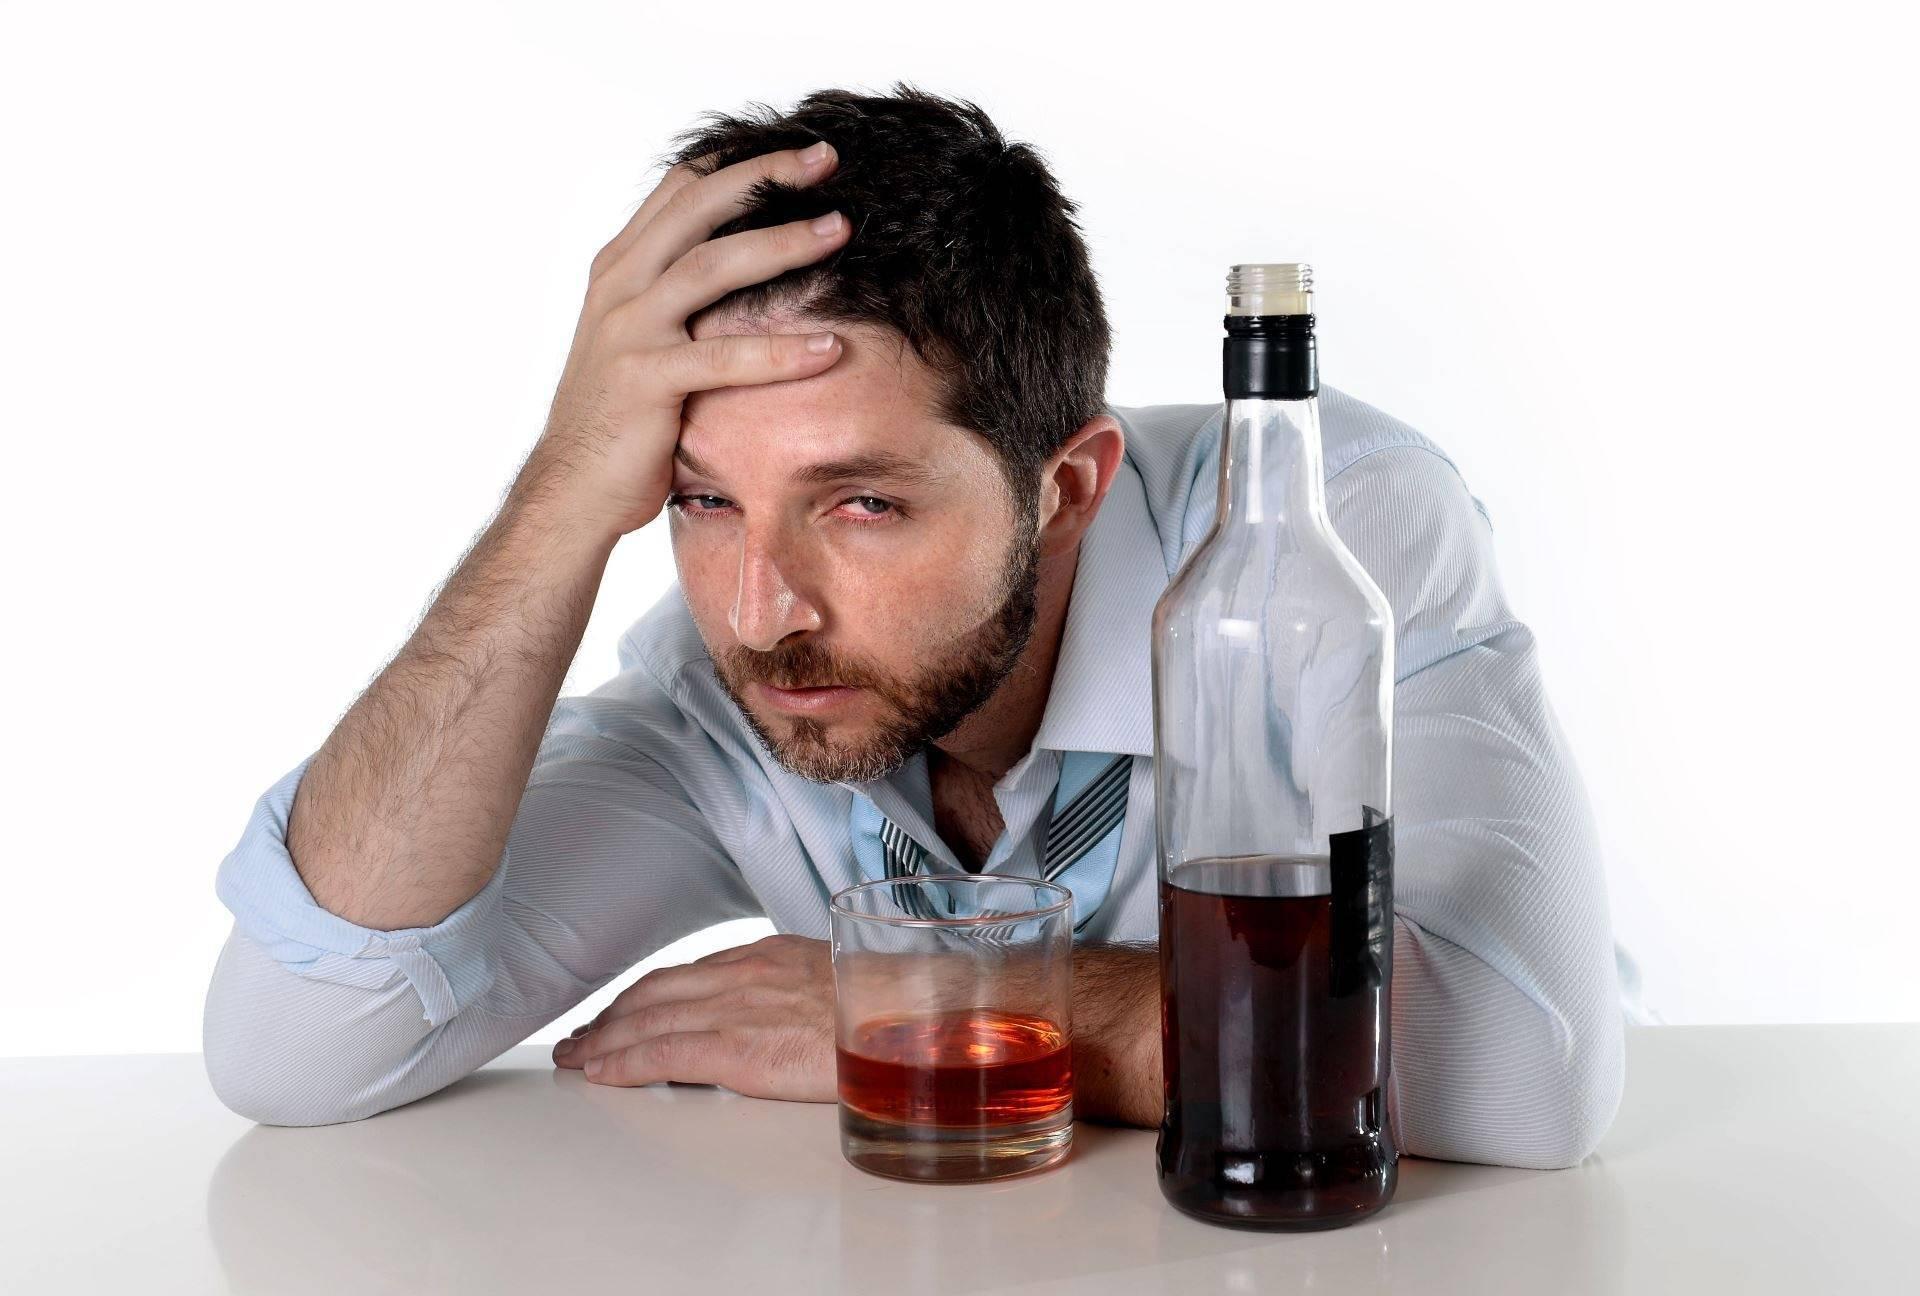 Самые эффективные народные средства от пьянства и алкоголизма